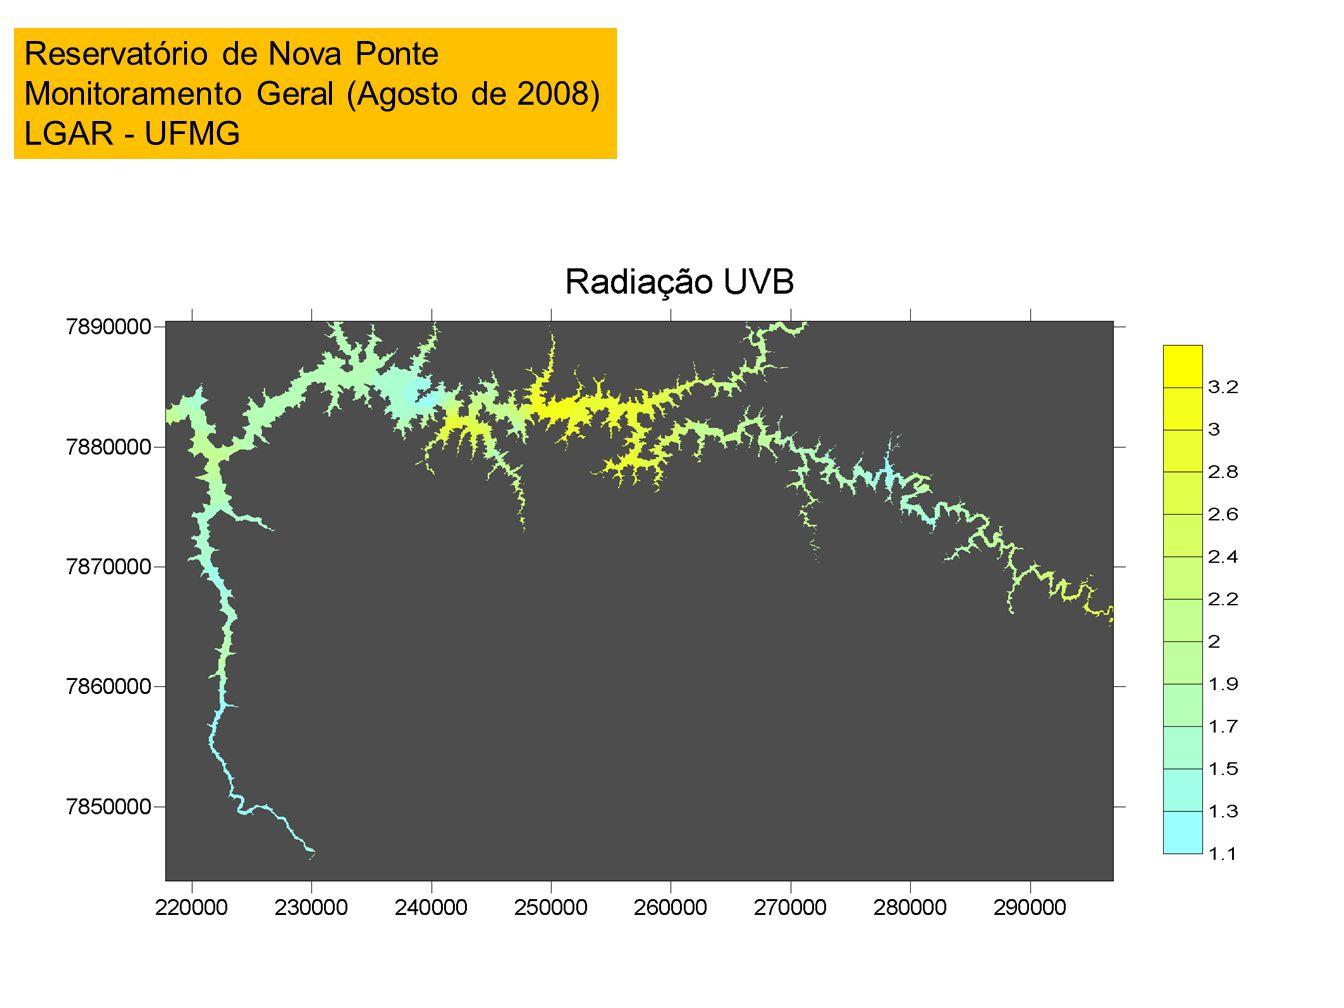 Reservatório de Nova Ponte Monitoramento Geral (Agosto de 2008) LGAR - UFMG